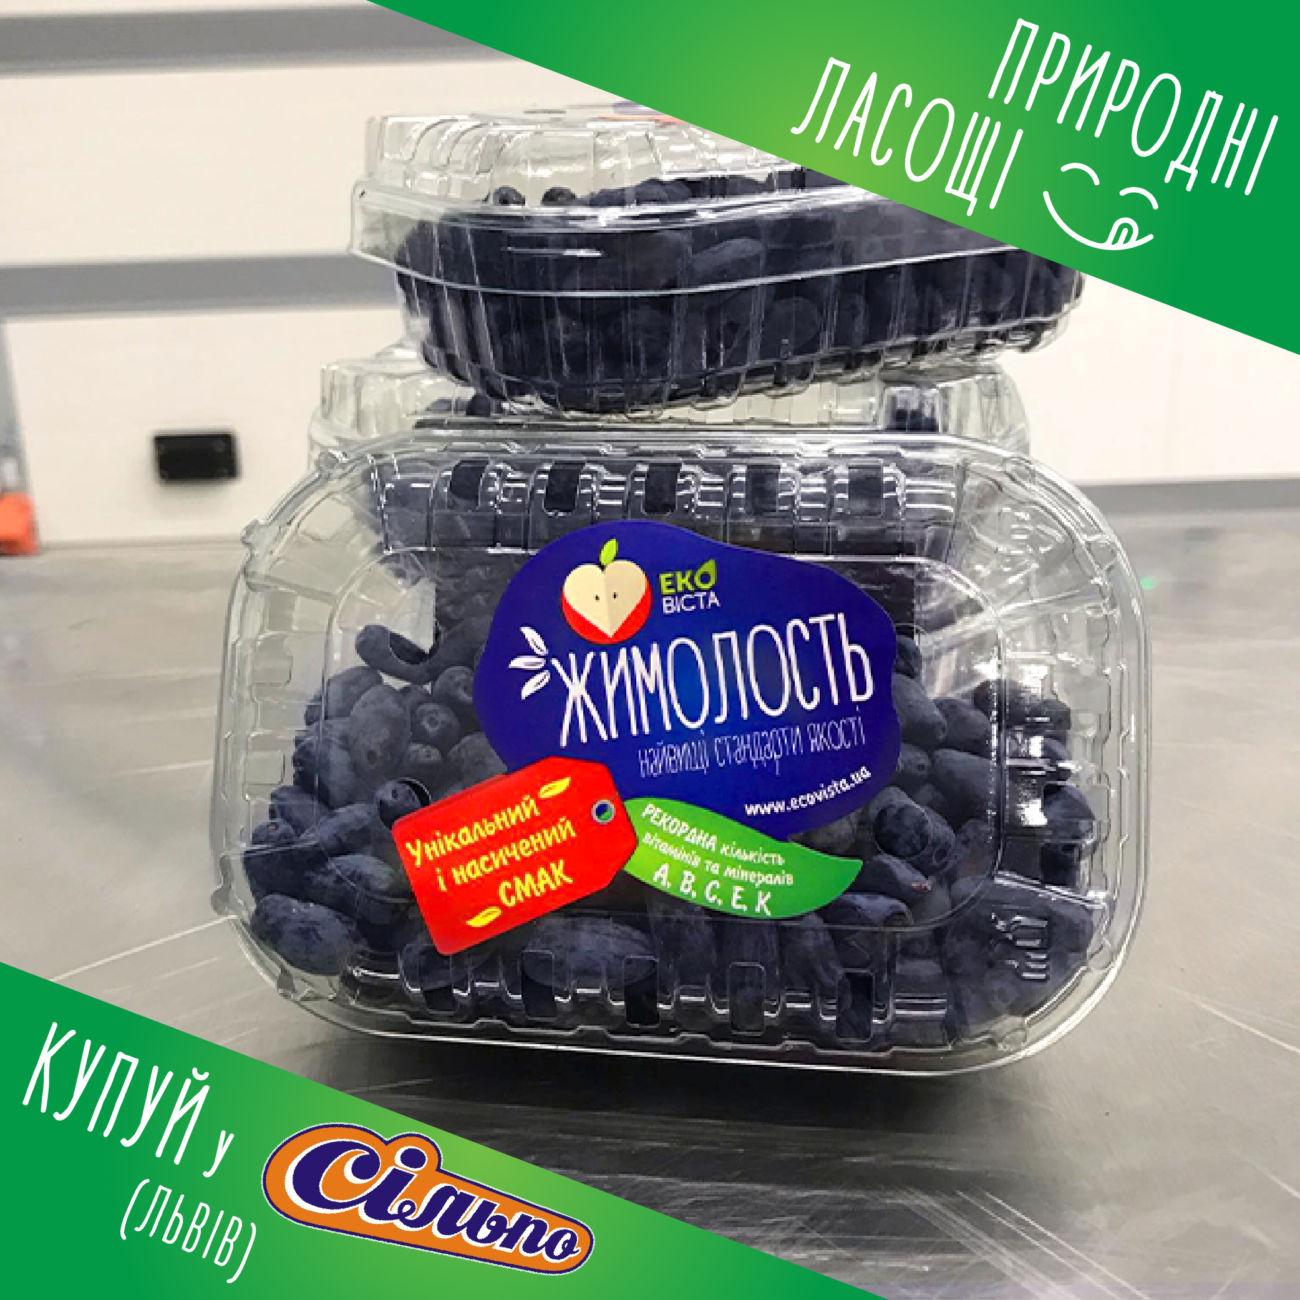 📣 Друзі, #жимолость від #ЕкоВіста вже чекає на вас у Сільпо (Львів)